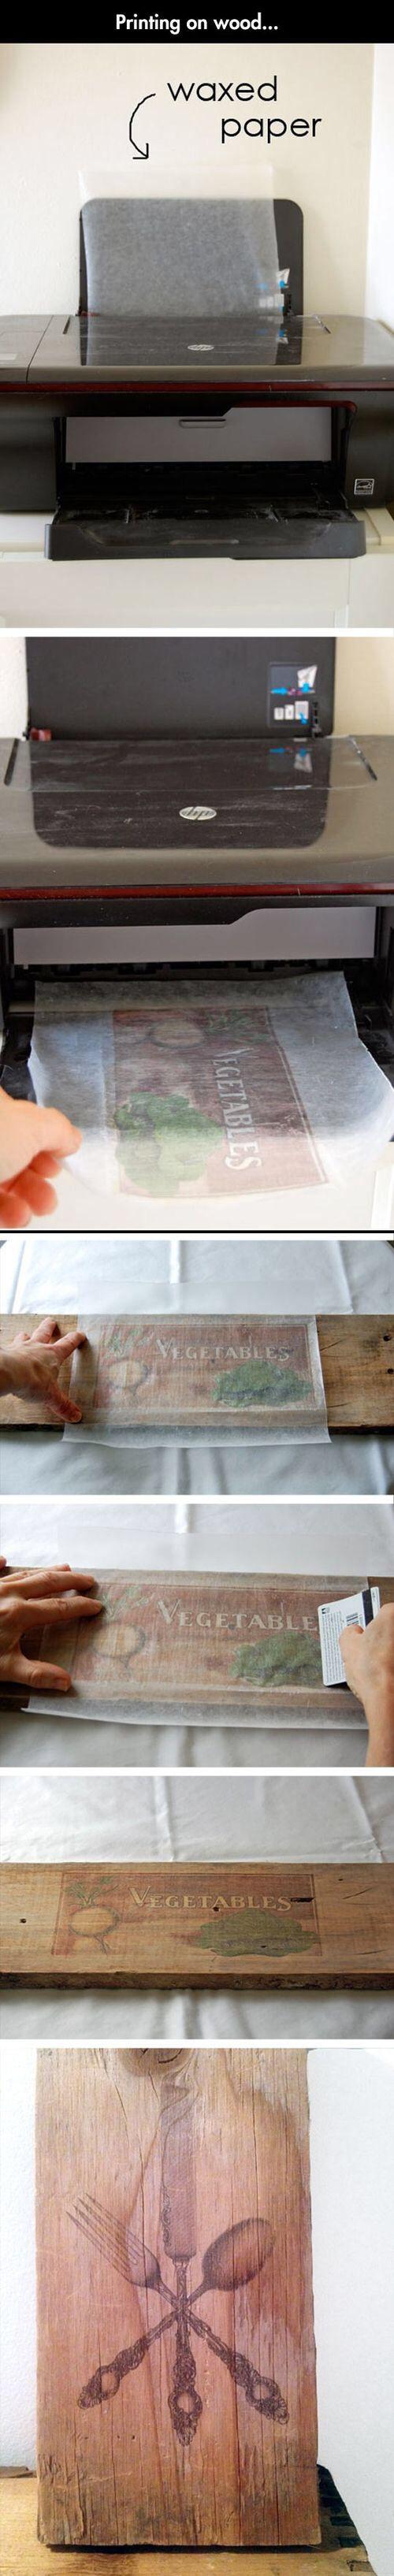 Transfert sur bois avec du sulfu